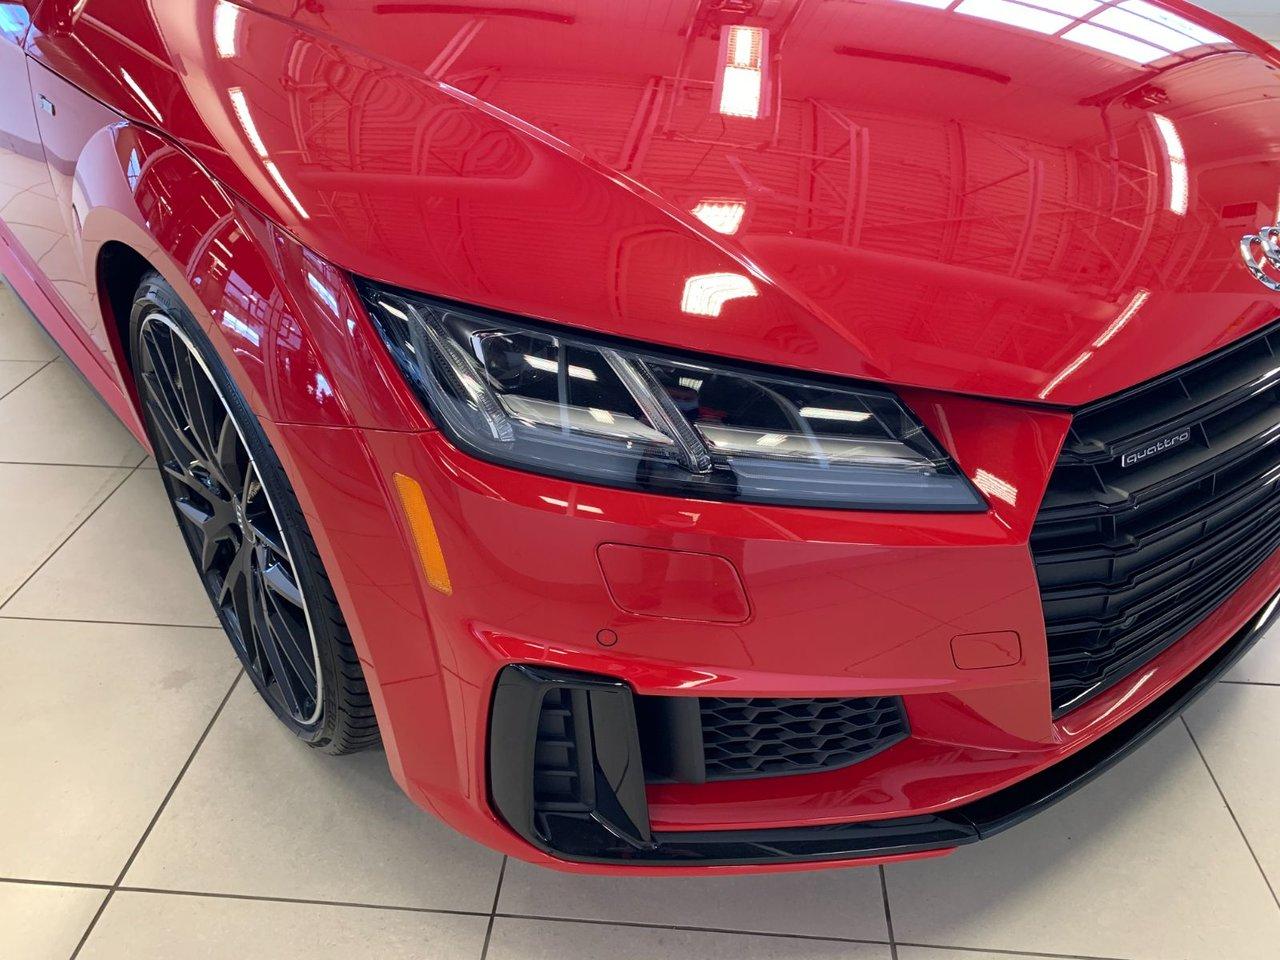 2019 Audi TT COUPE S-LINE